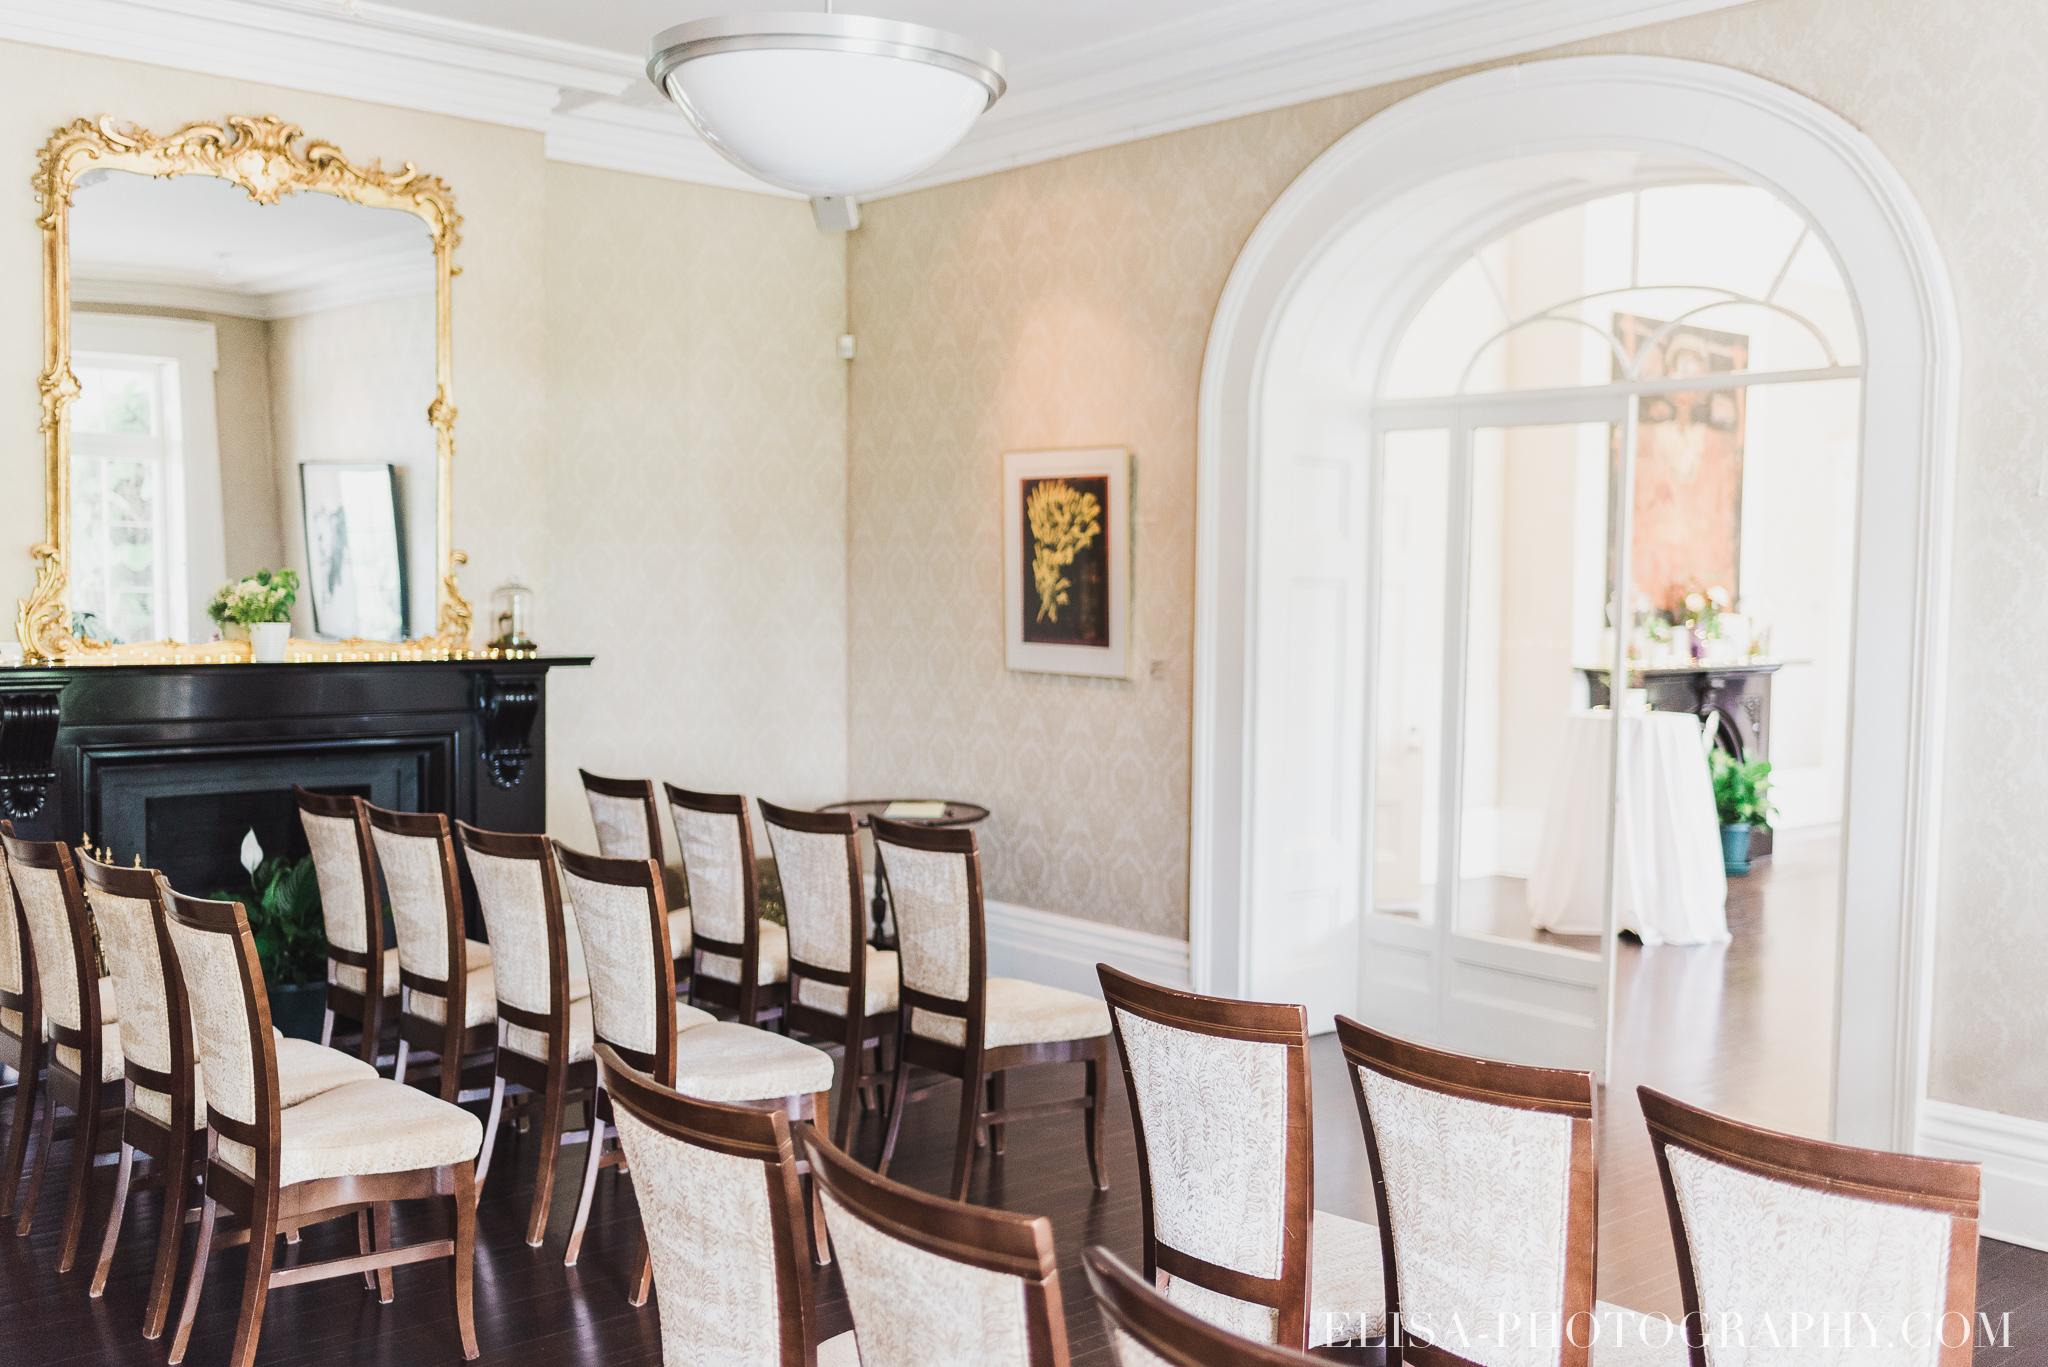 photo mariage domaine cataraqui wedding echange bagues voeux salle ceremonie 2150 - Mariage d'inspiration anglaise au domaine Cataraqui